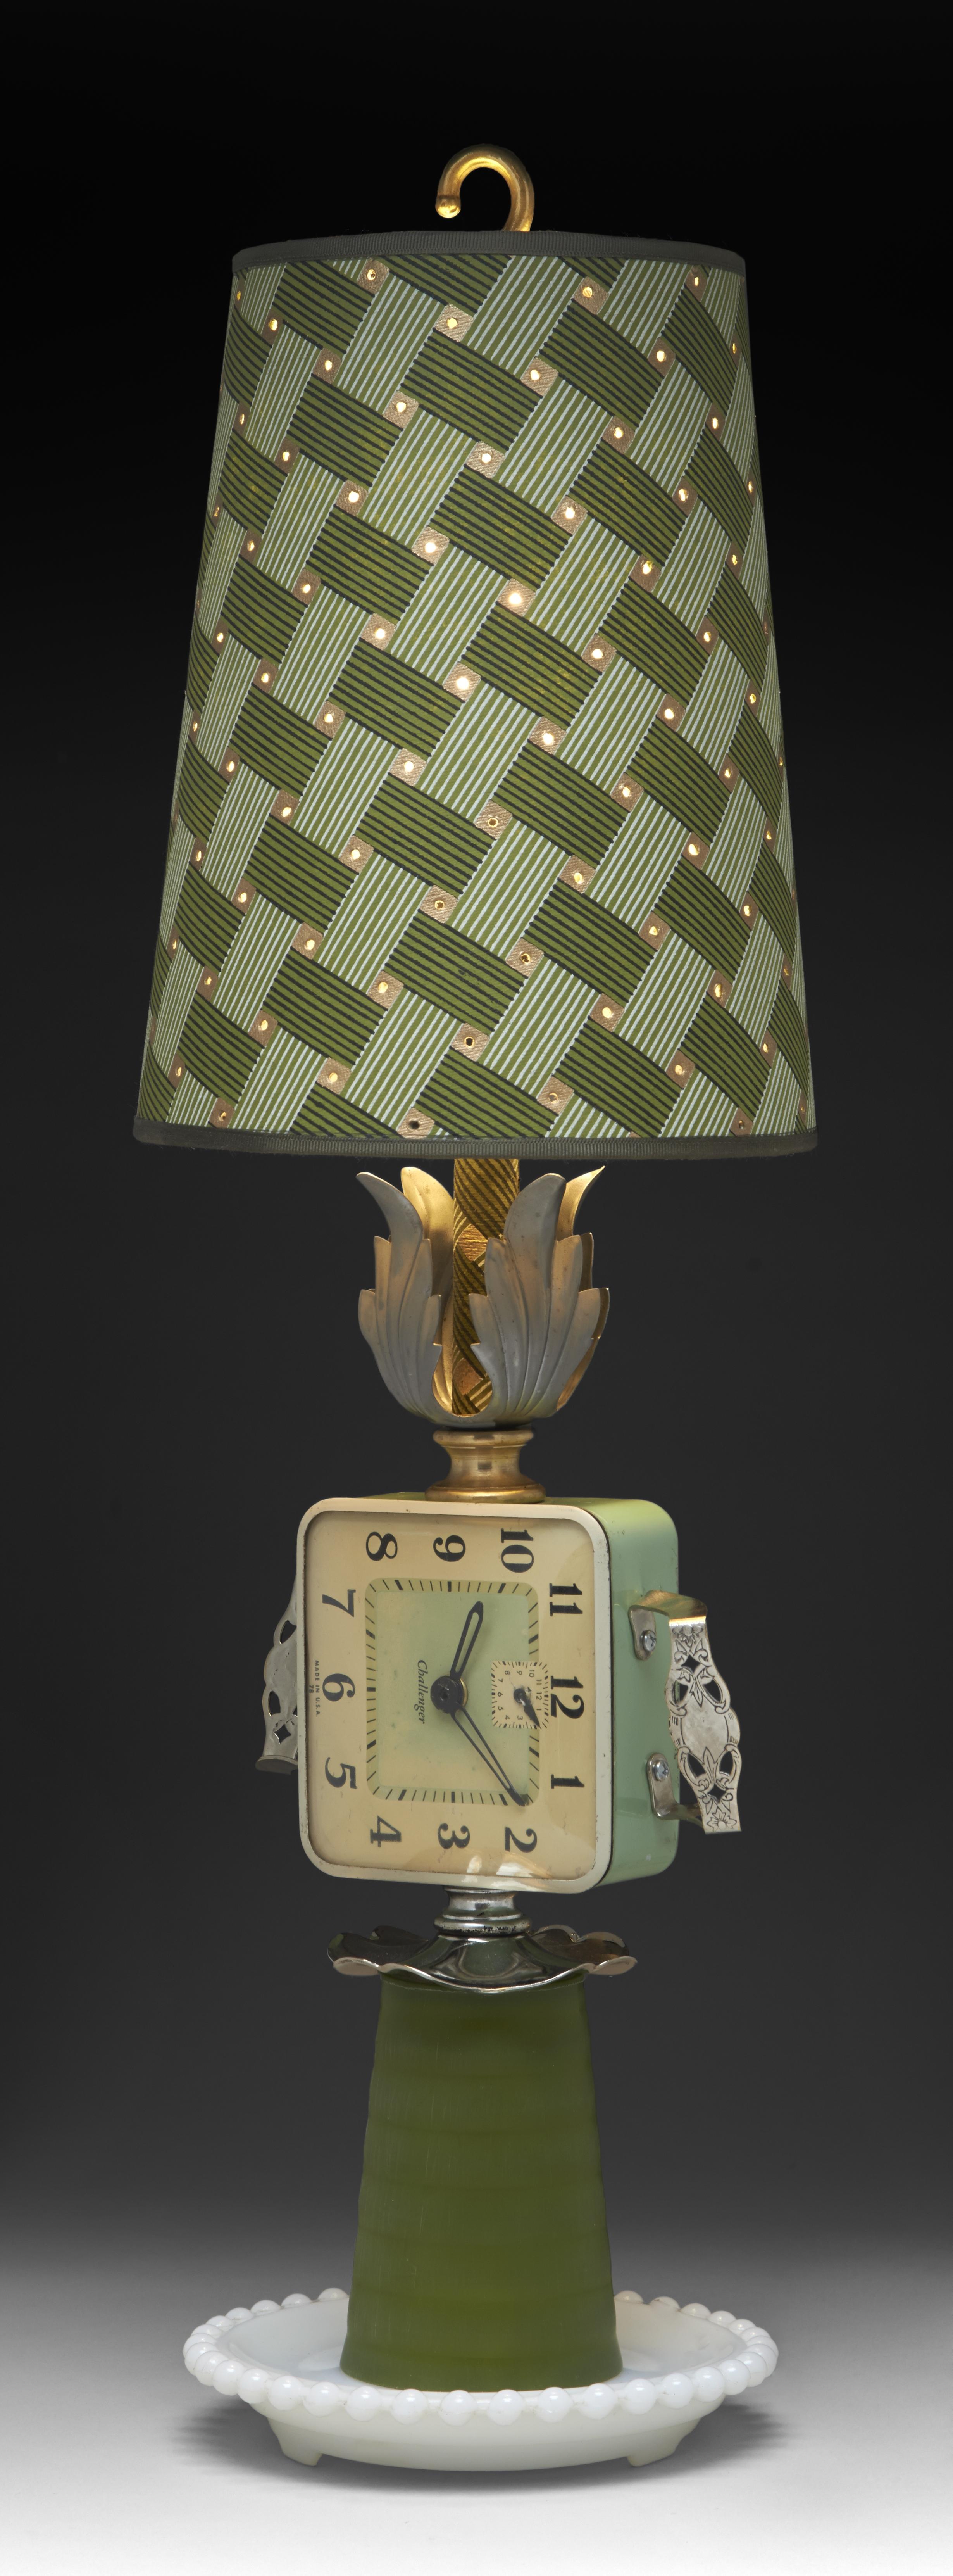 jpeg clock lamp.jpg